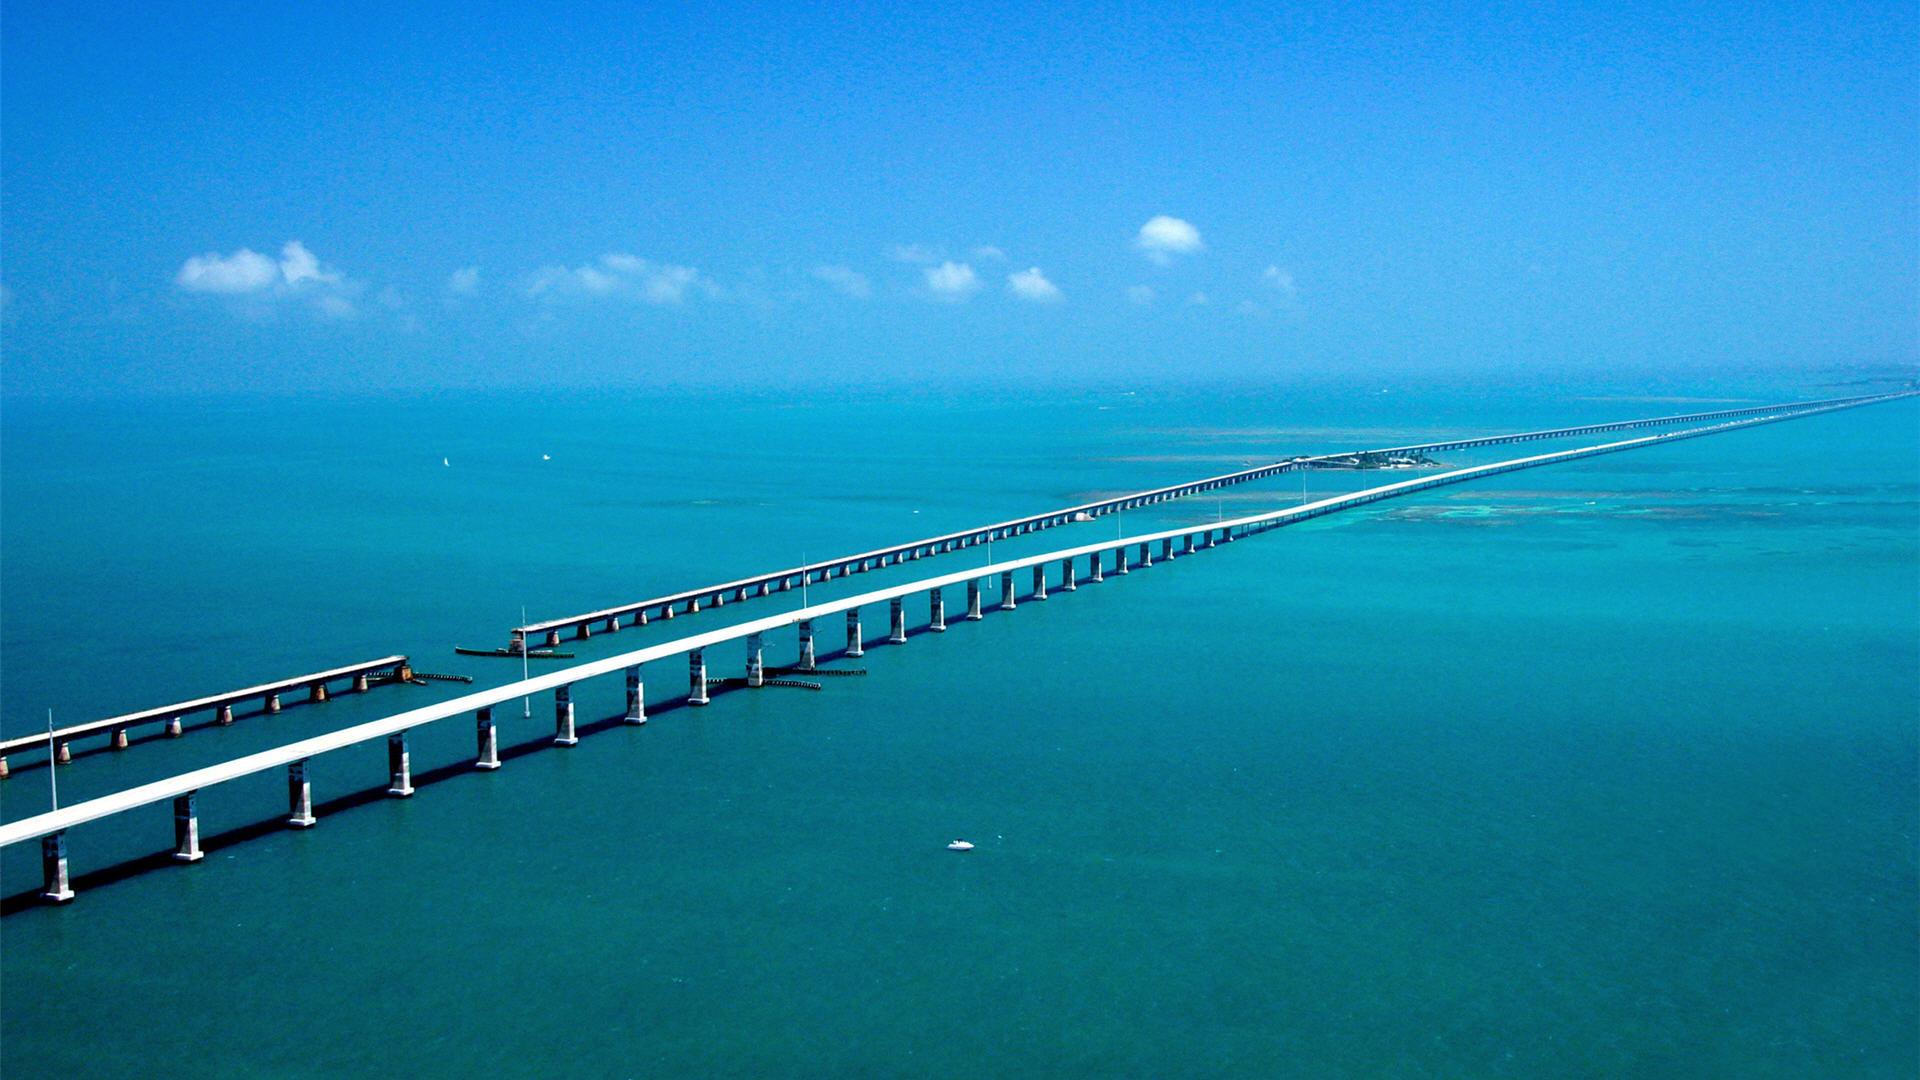 1920x1080 Florida Keys Bridge Pictures Wallpaper HD 1920x1080 #3061